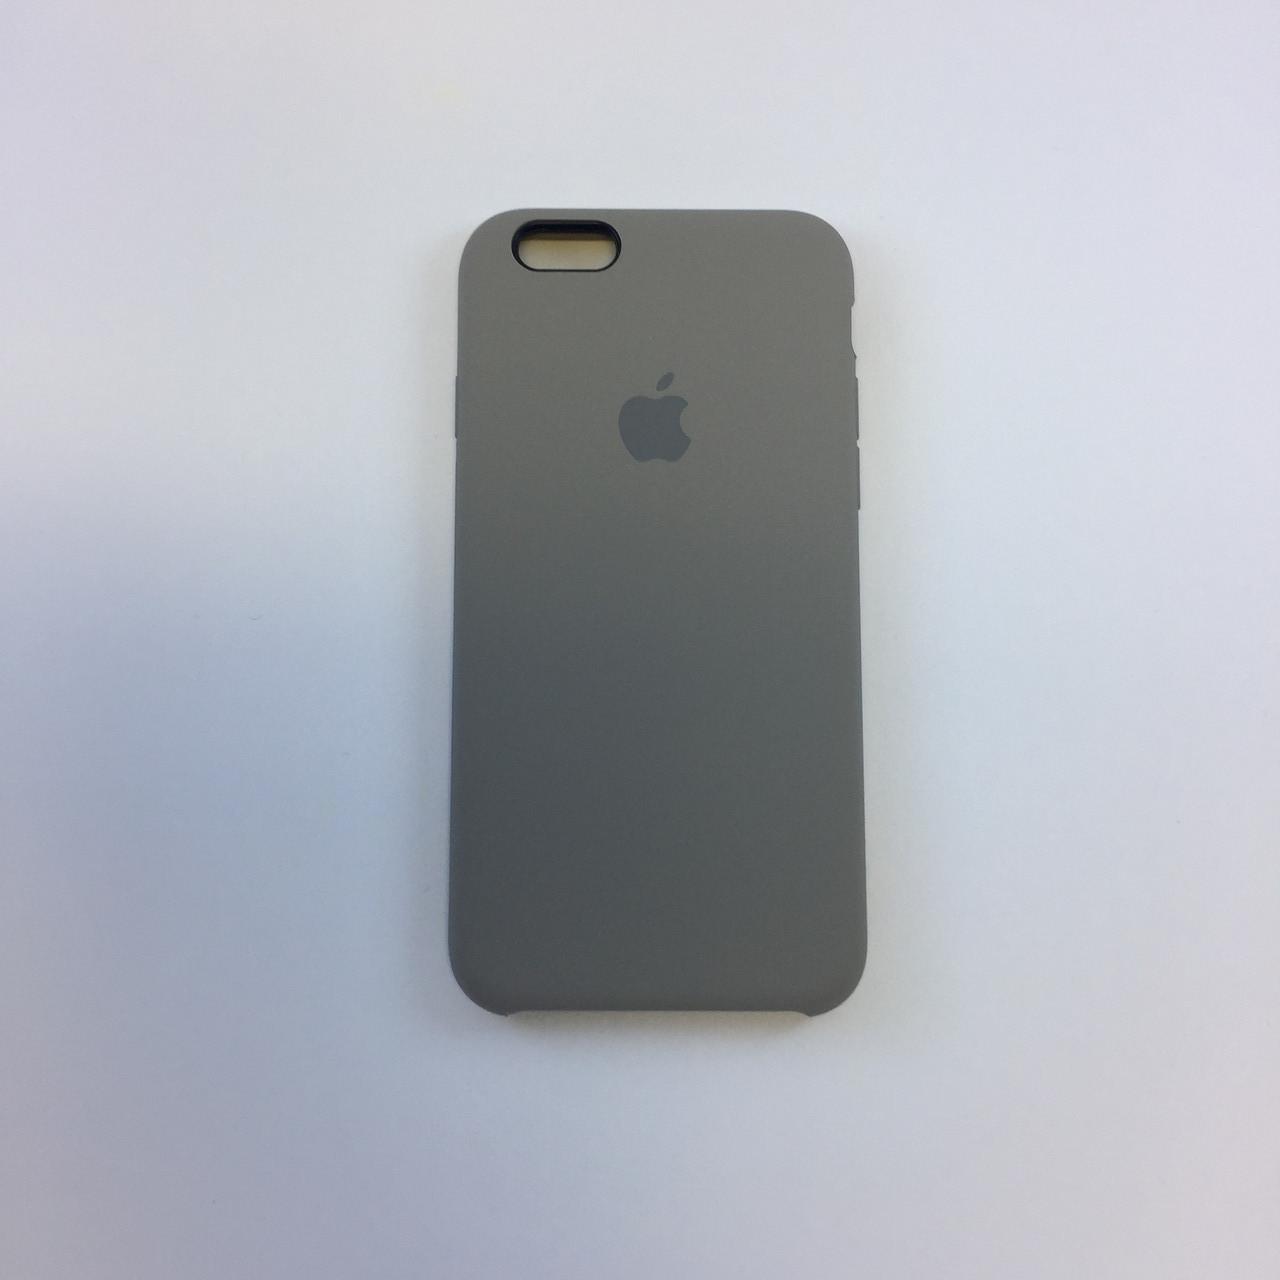 Силиконовый чехол iPhone 6/6s, темная олива, copy original